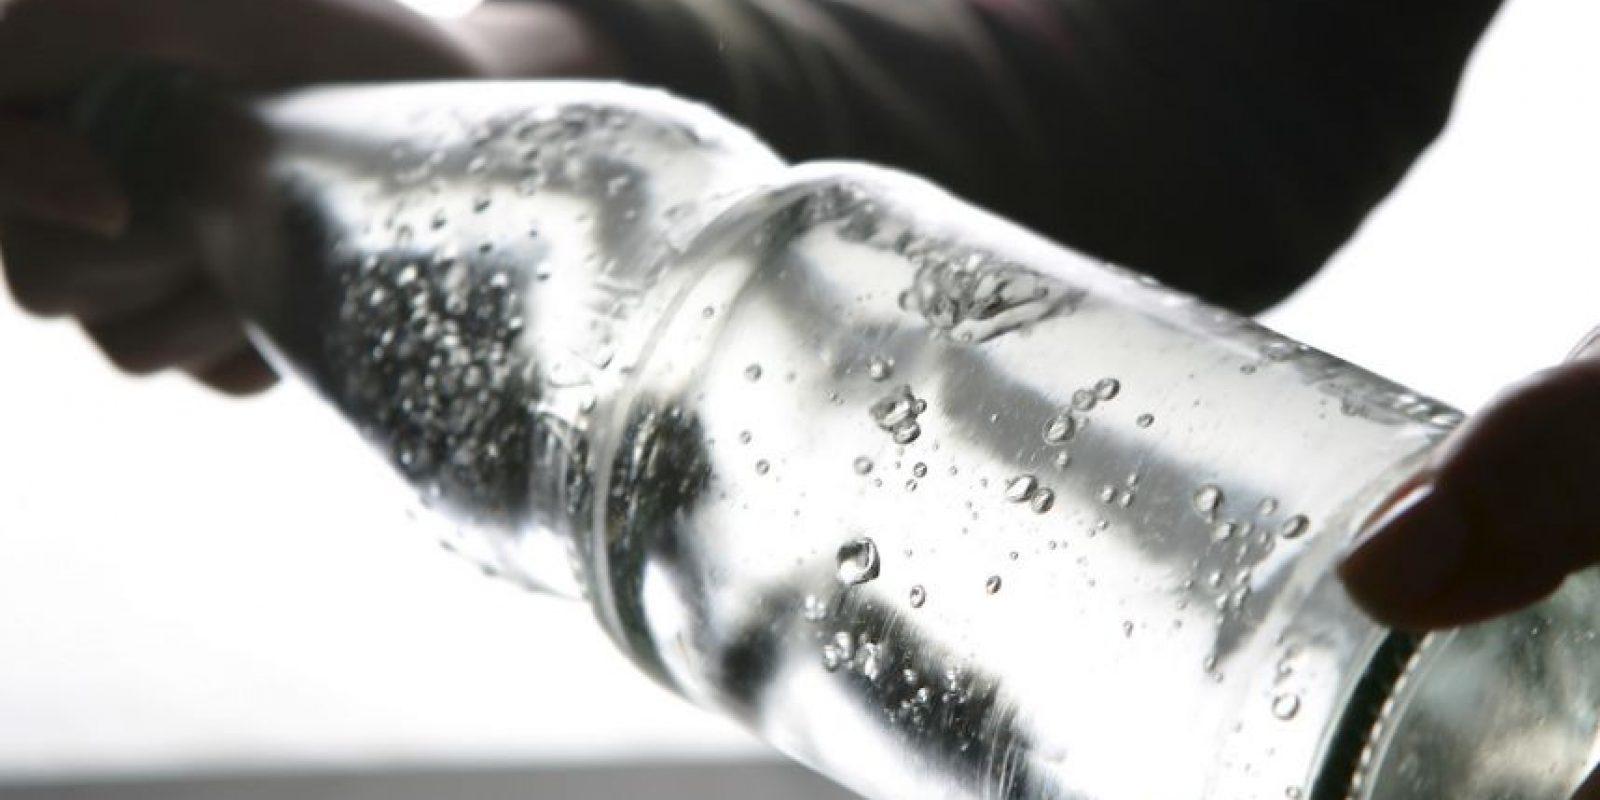 De acuerdo a la UNICEF, estima que mil 400 niños mueren diariamente por falta de agua. Dichas muertes se deben a enfermedades diarreicas relacionadas a la falta de agua potable. Foto:Getty Images